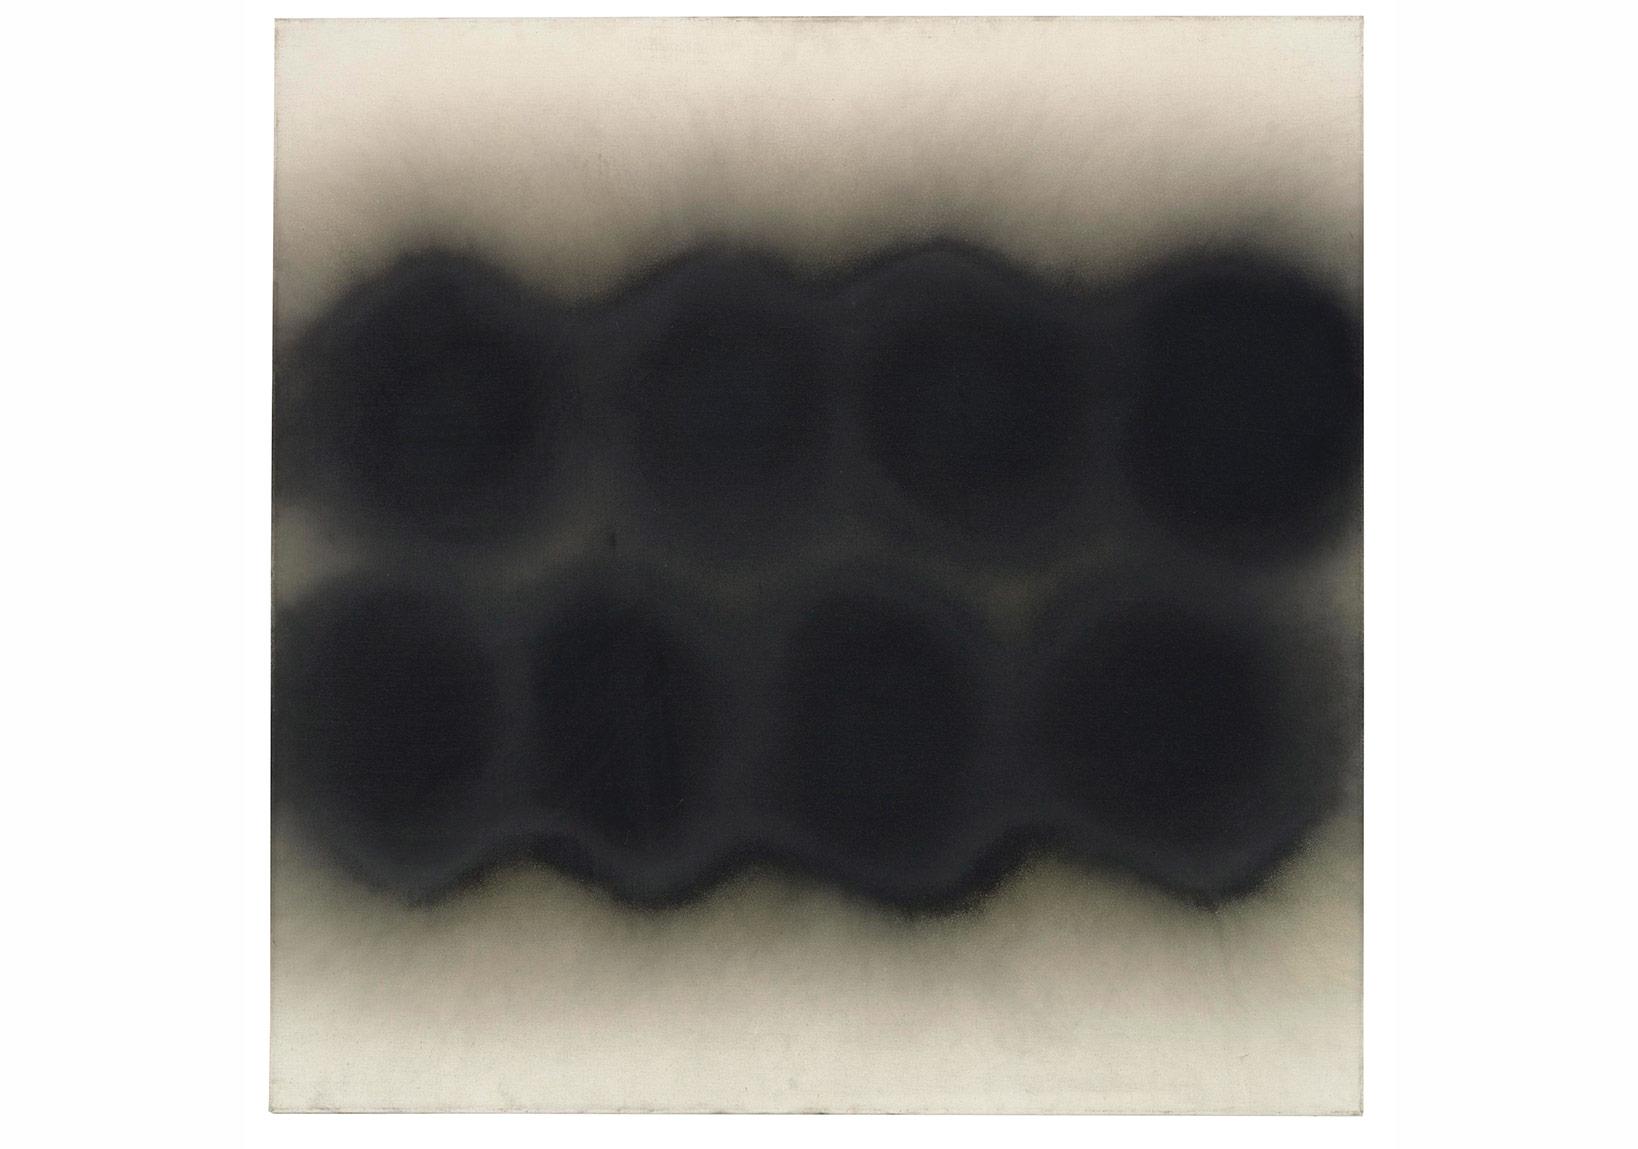 Otto Piene - Karanlıkta İki Dalga